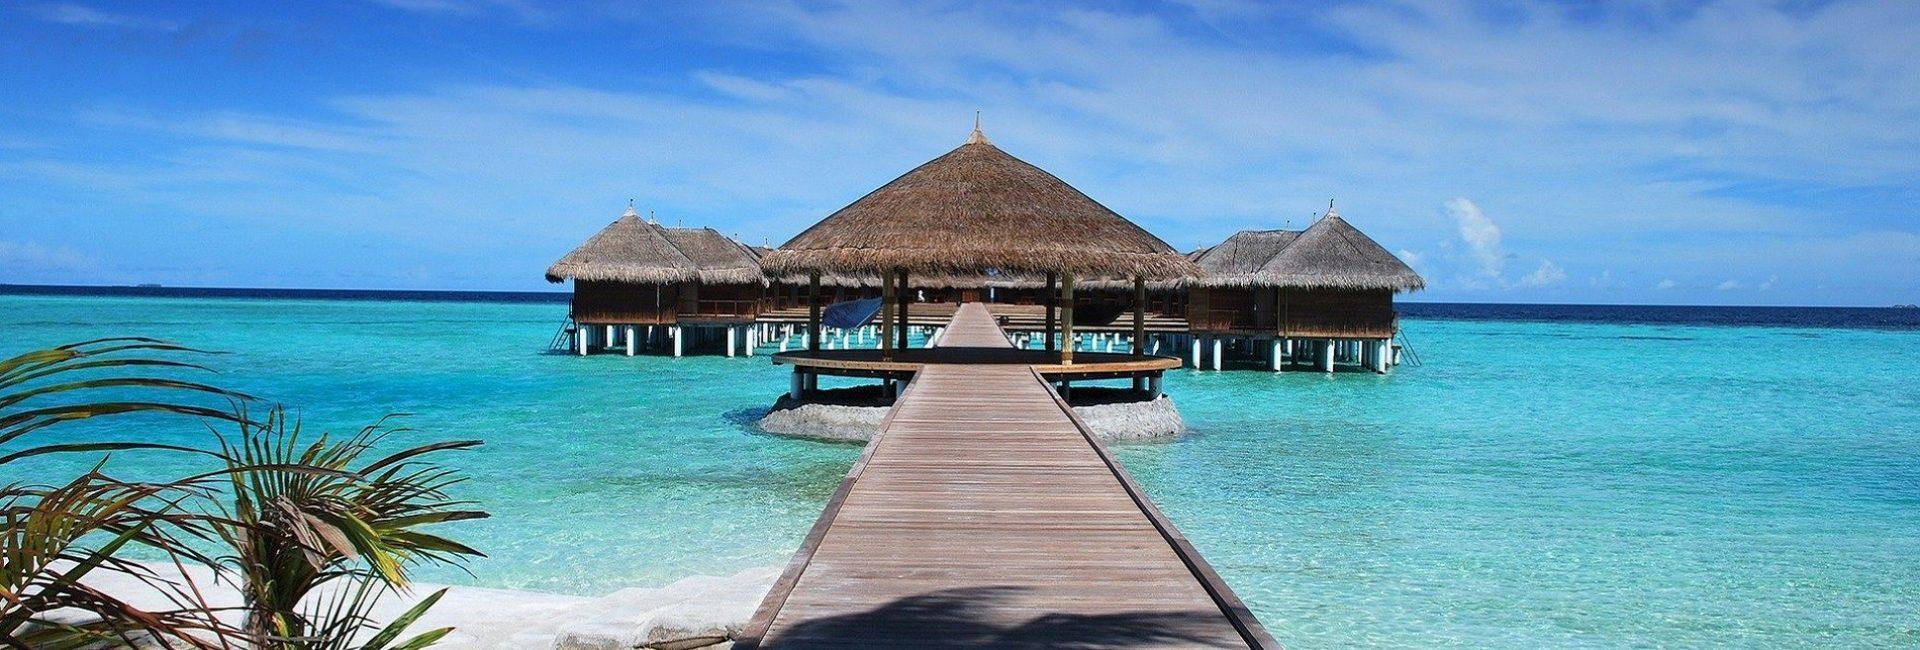 Putovanje na Maldive čini se pravim izborom za povratak u život.